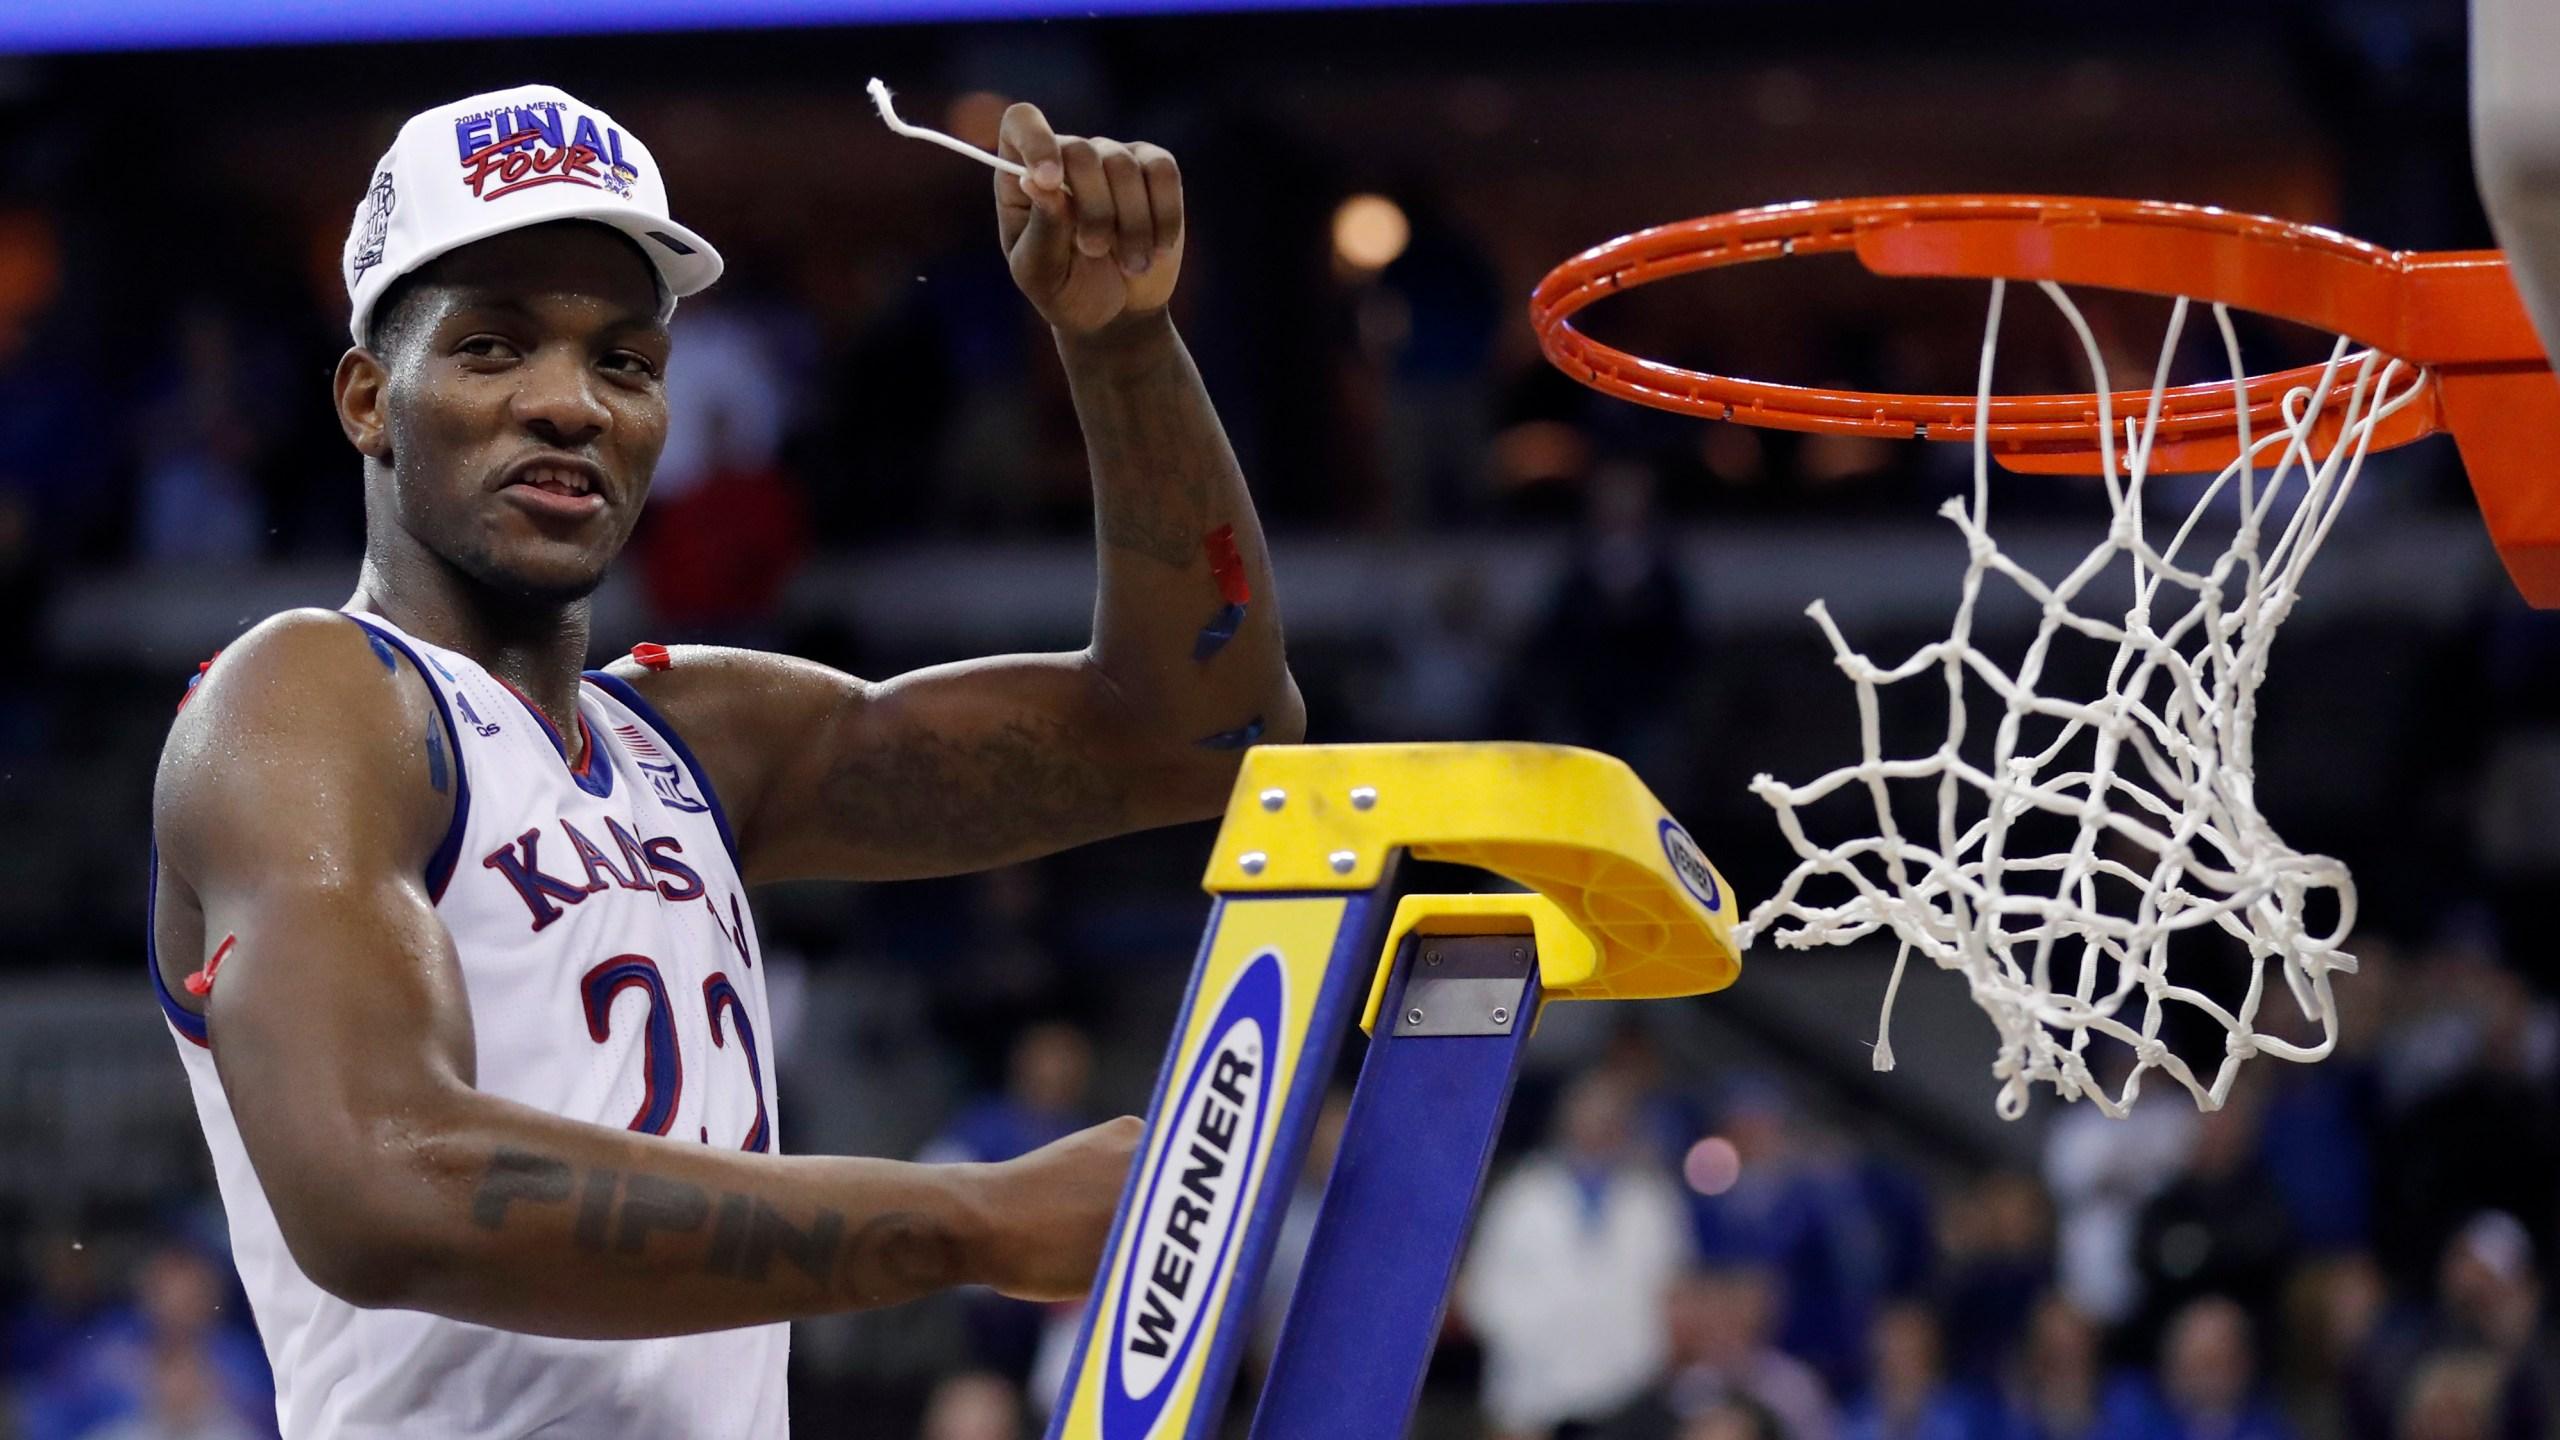 NCAA Duke Kansas Basketball_1522034355180